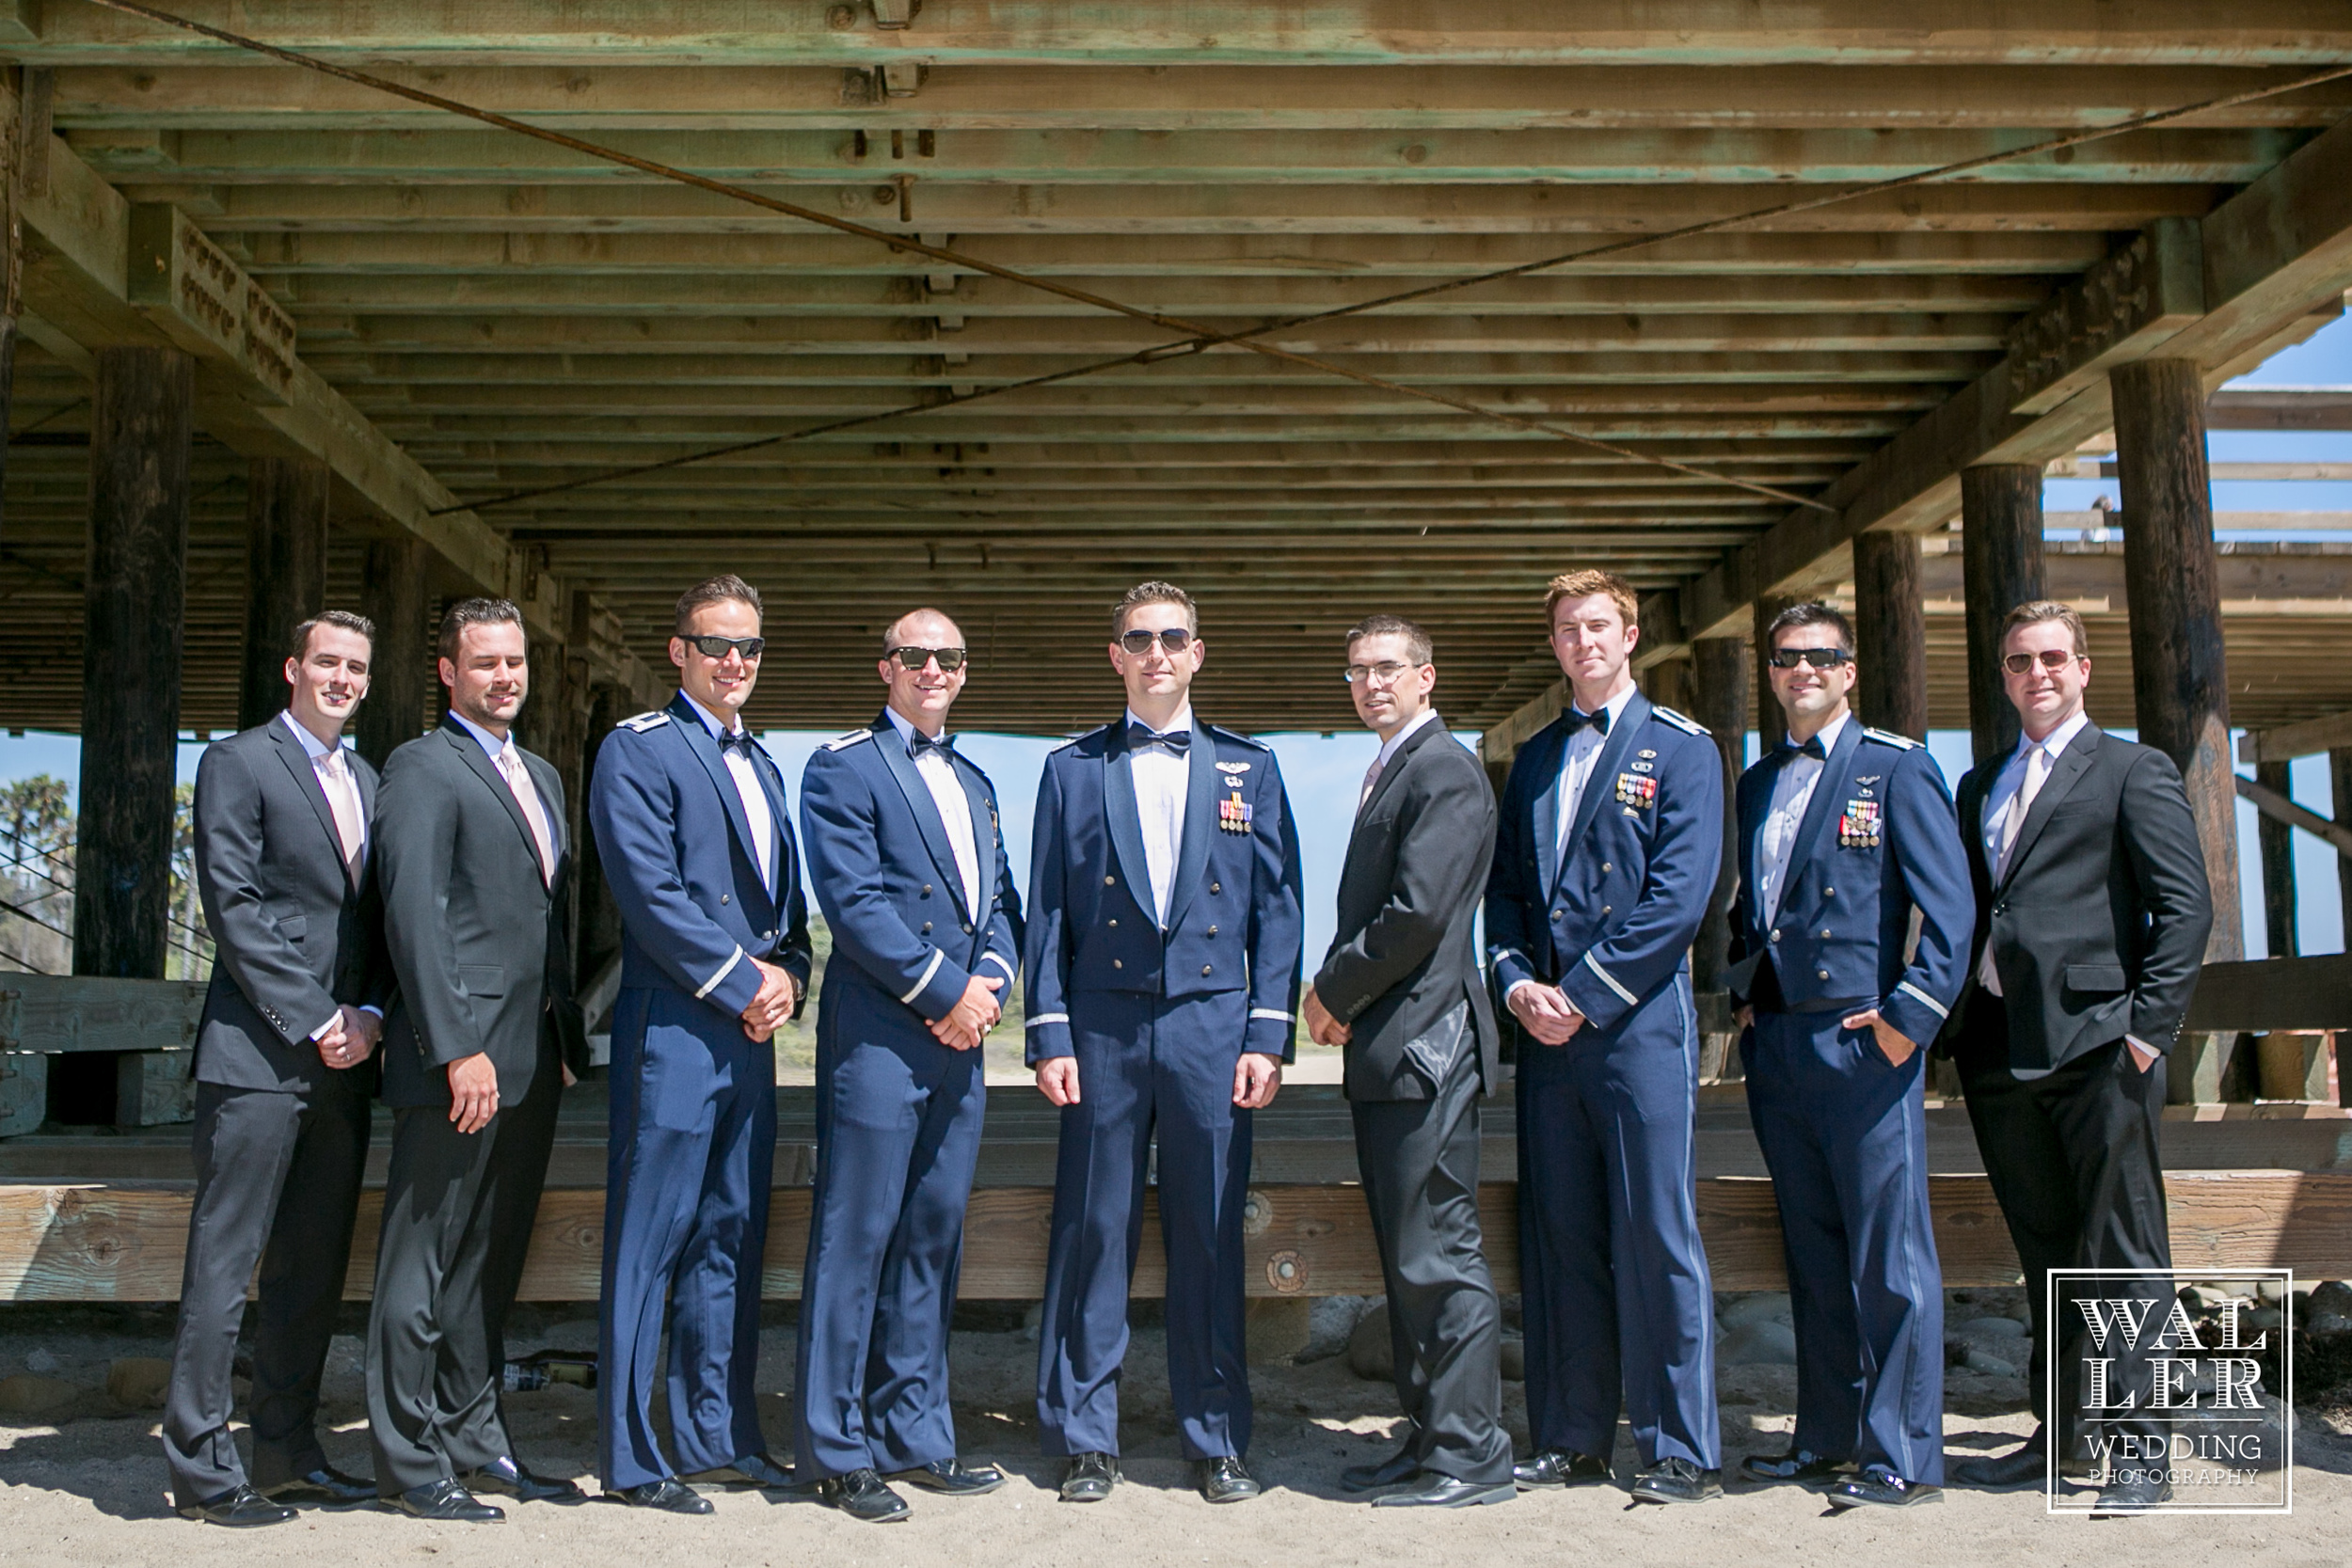 waller weddings-22.jpg